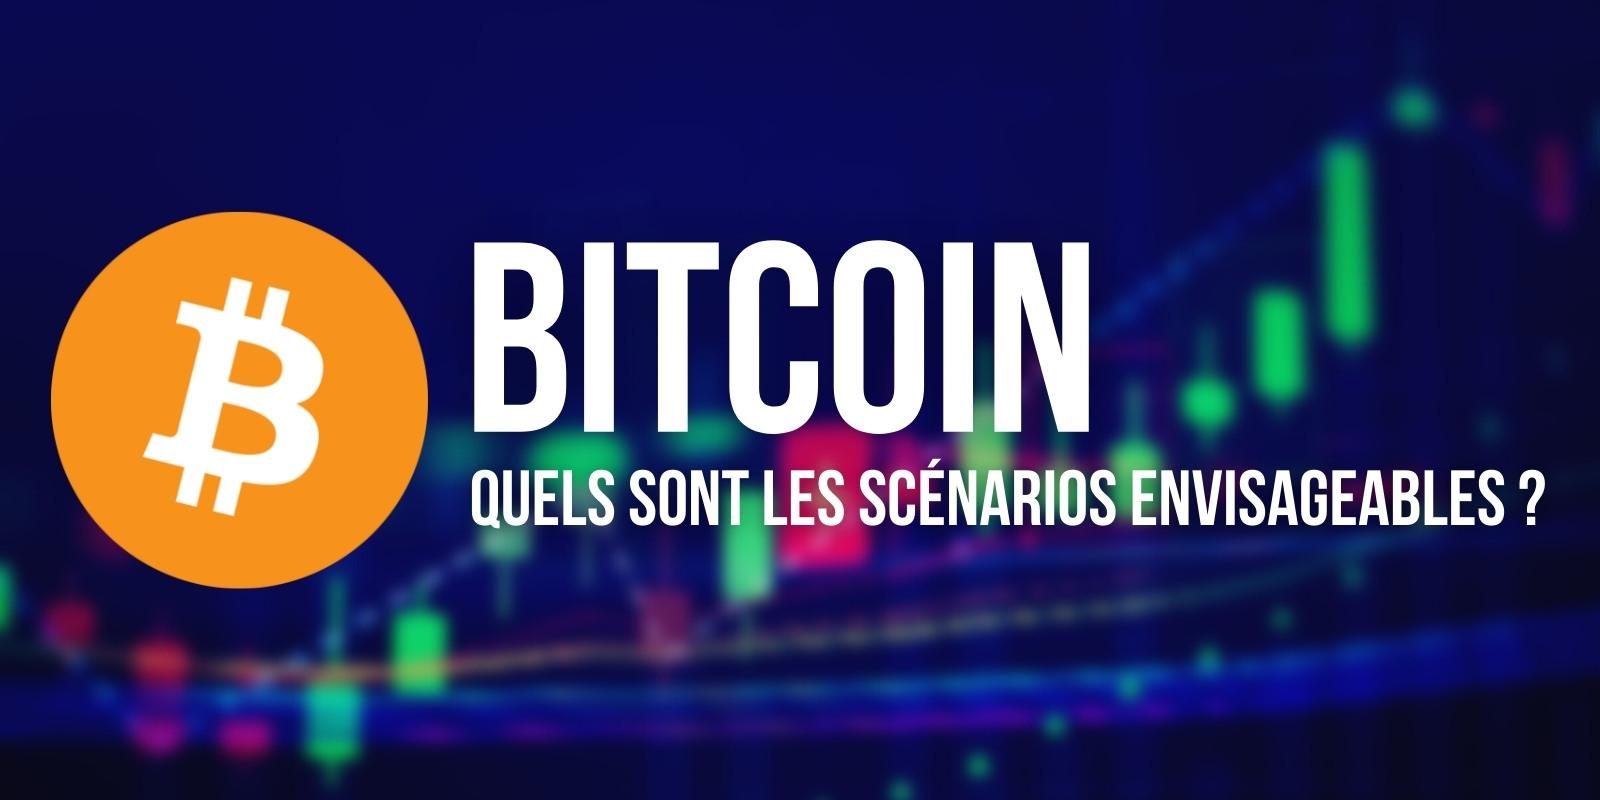 Bitcoin (BTC) – Les camps des haussiers et des baissiers ne manquent pas d'arguments